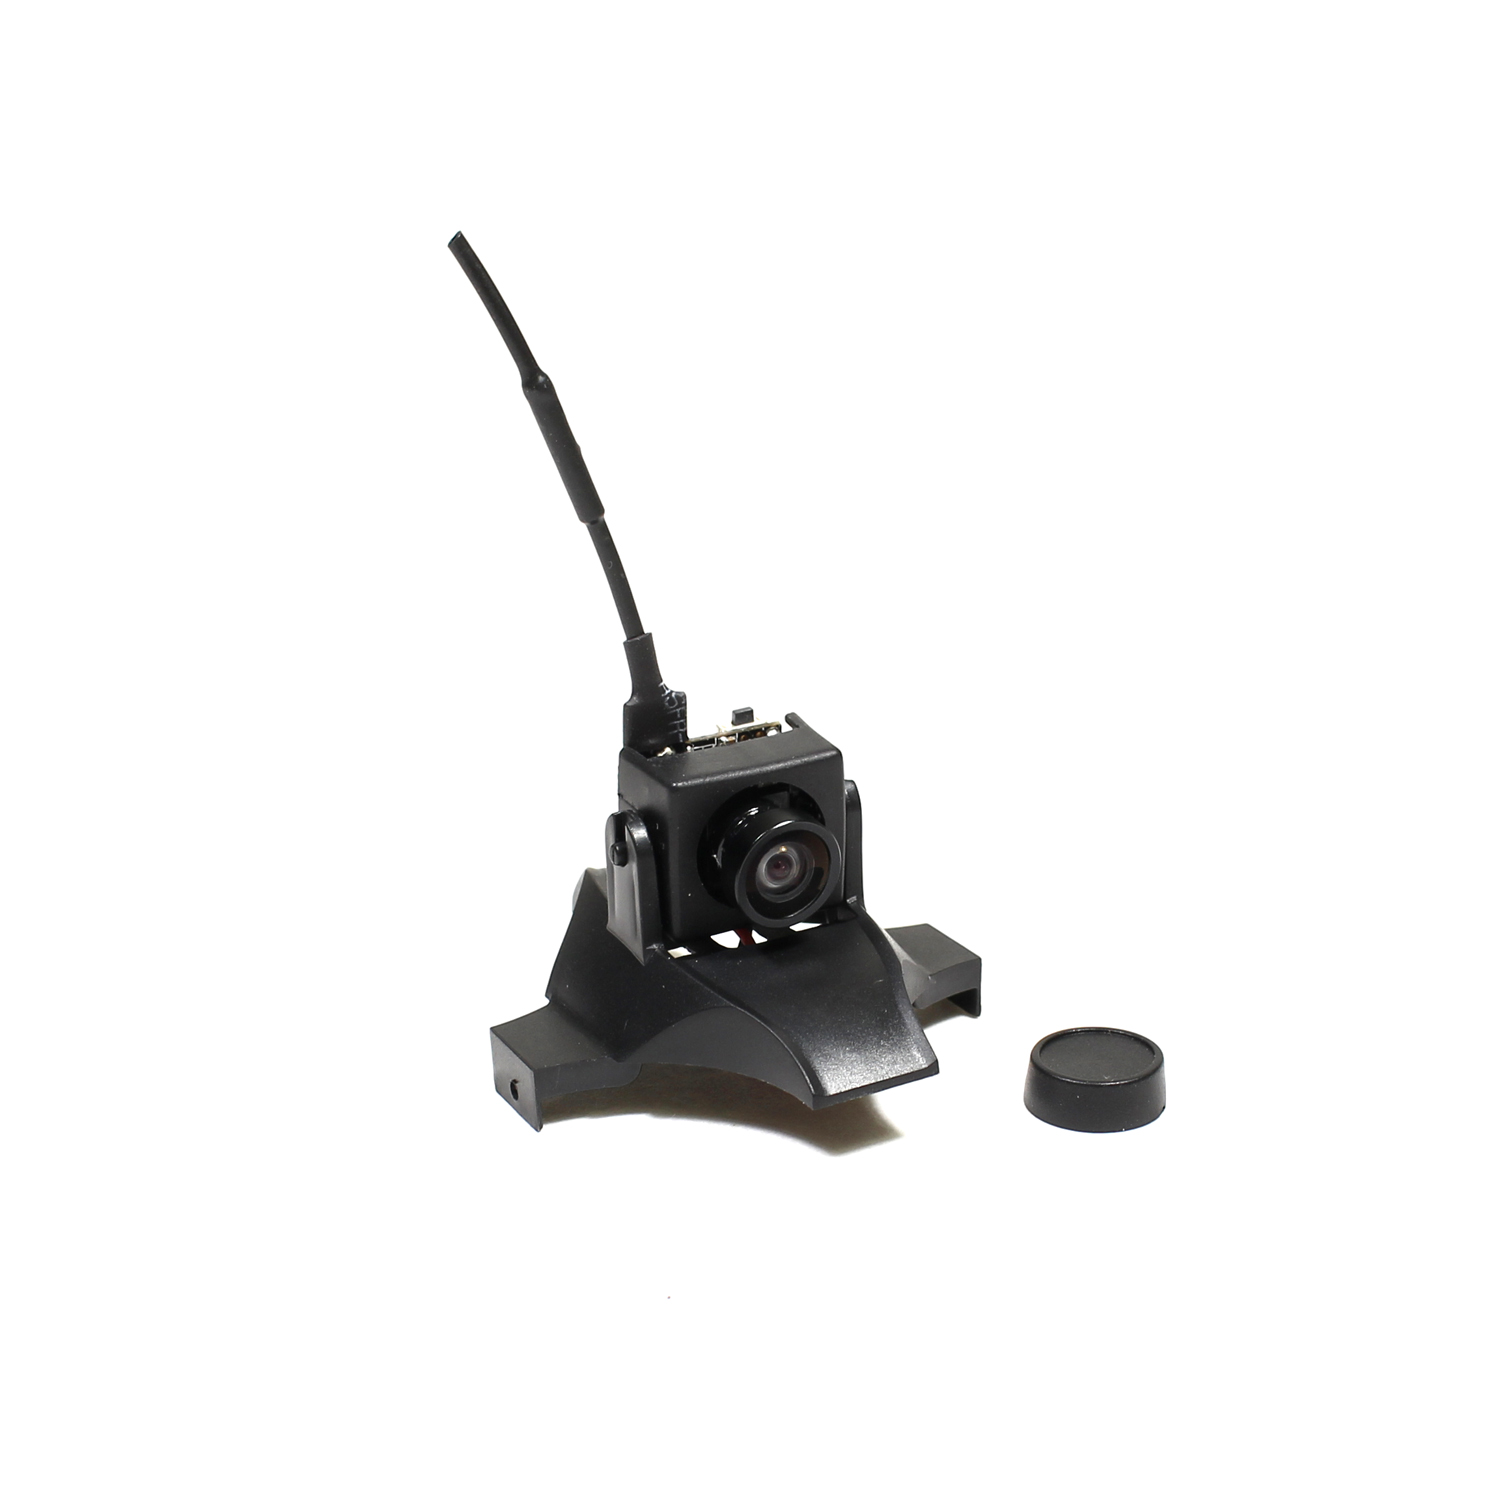 5.8g HD Camera; Triad FPV